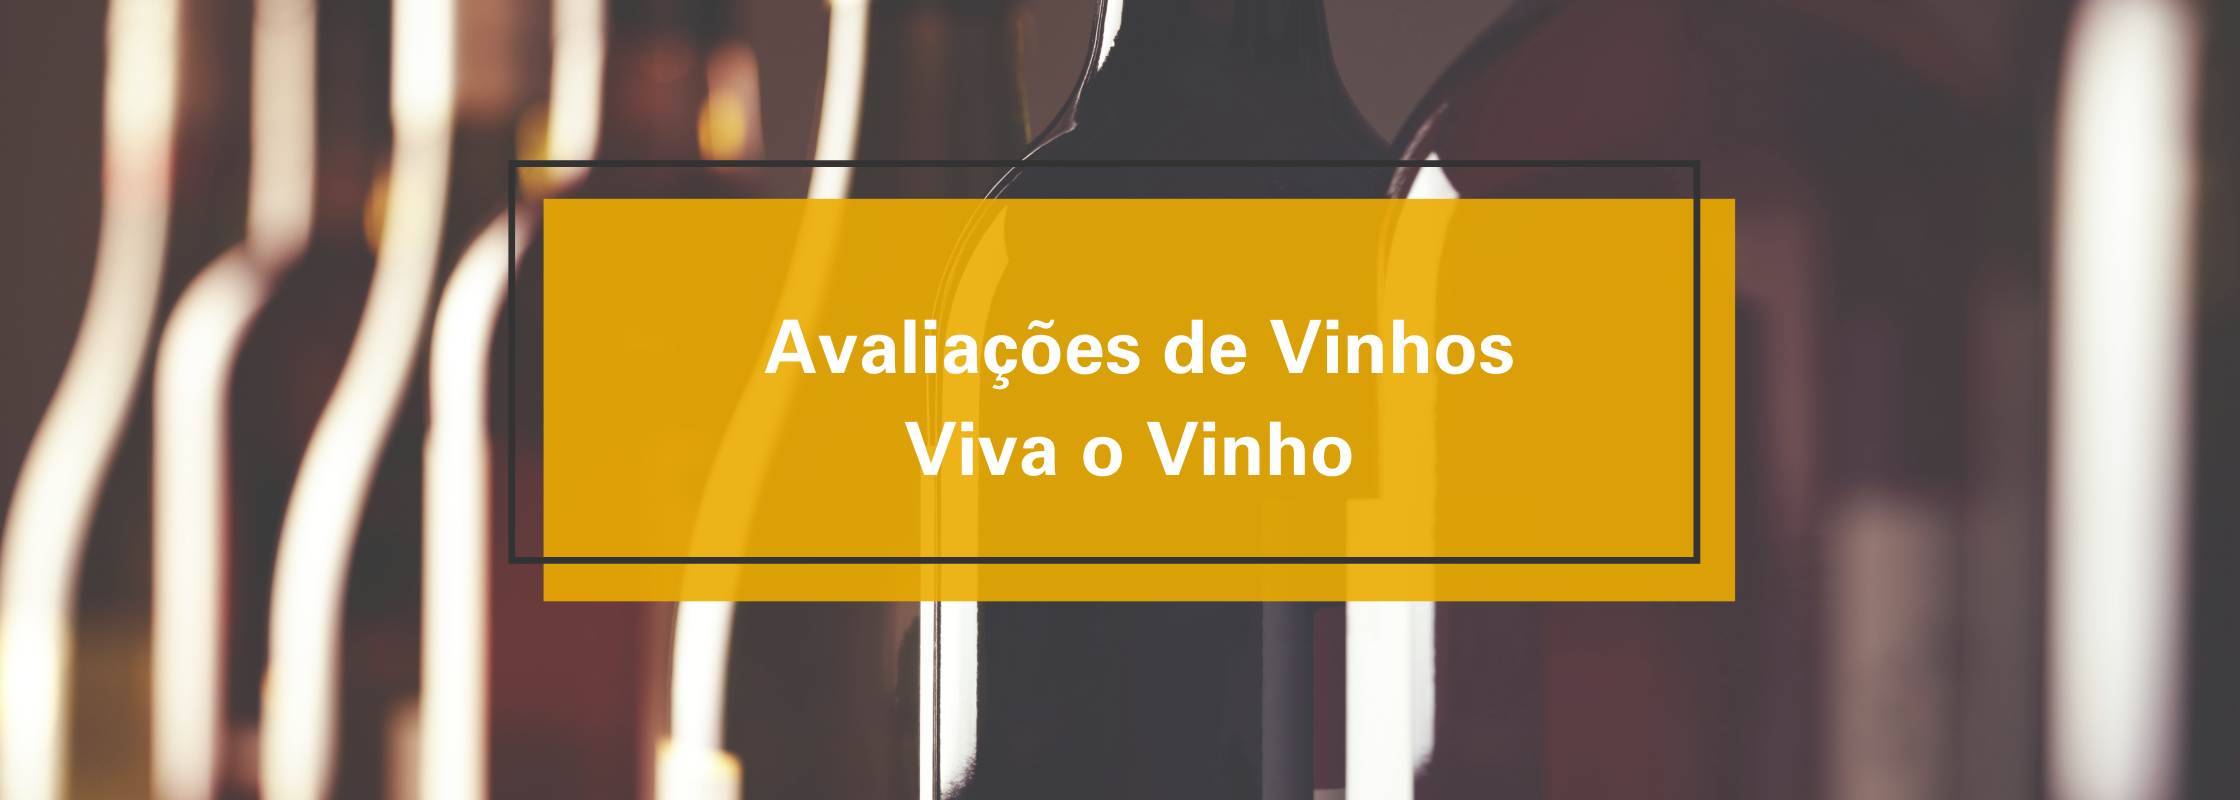 Banner Avaliações de Vinhos